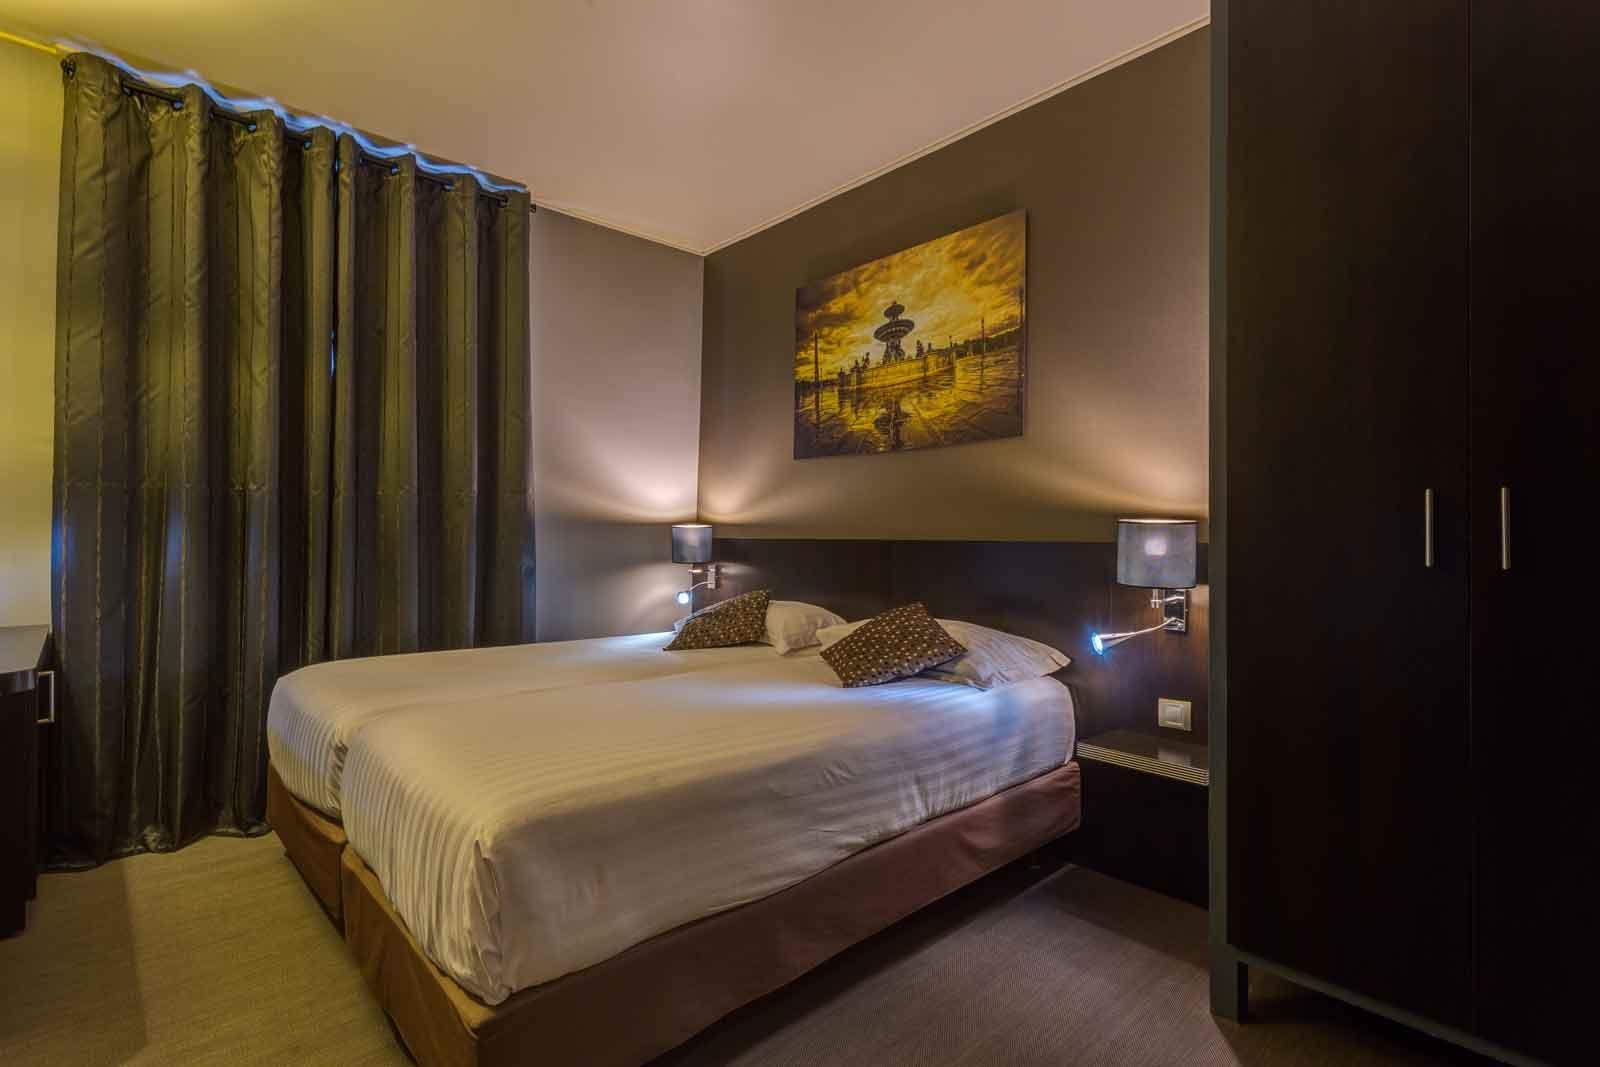 Habitaci n individual con 2 camas hotel jardin de villiers - Decoracion habitacion individual ...